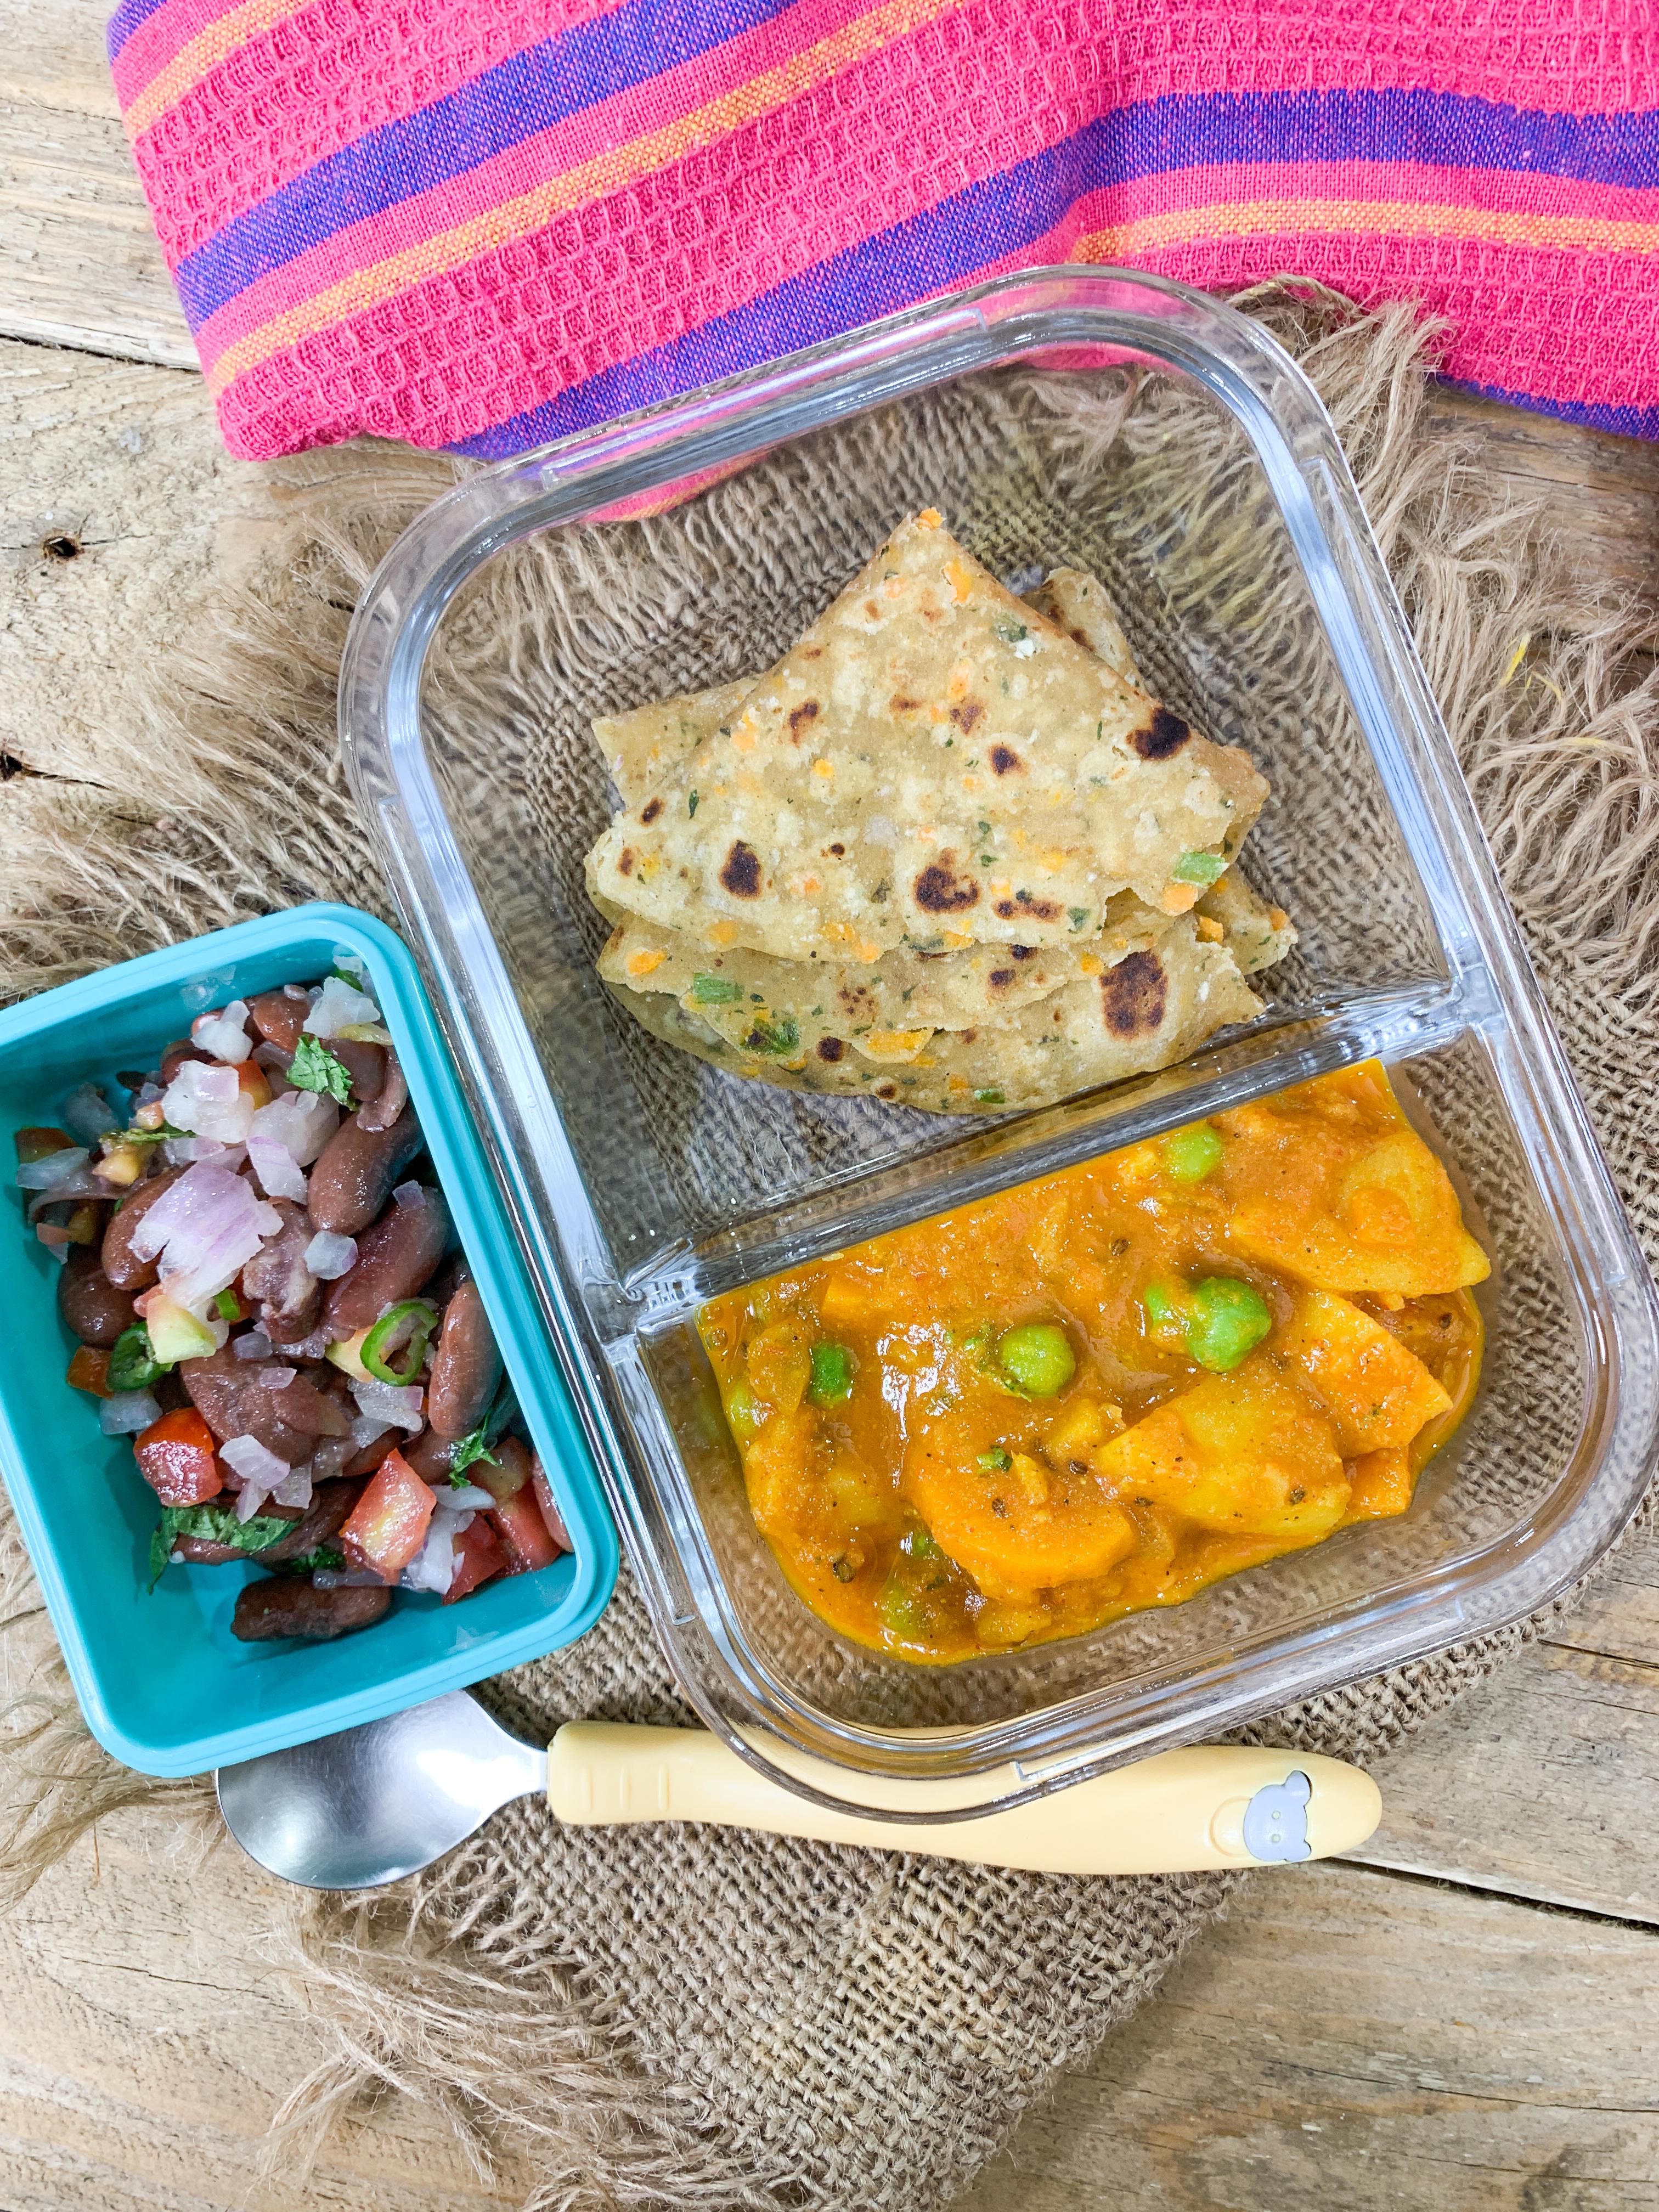 Kids Lunch Box Gajar Aloo Matar Sabzi Cabbage Carrot Paratha And Rajma Salad By Archana S Kitchen